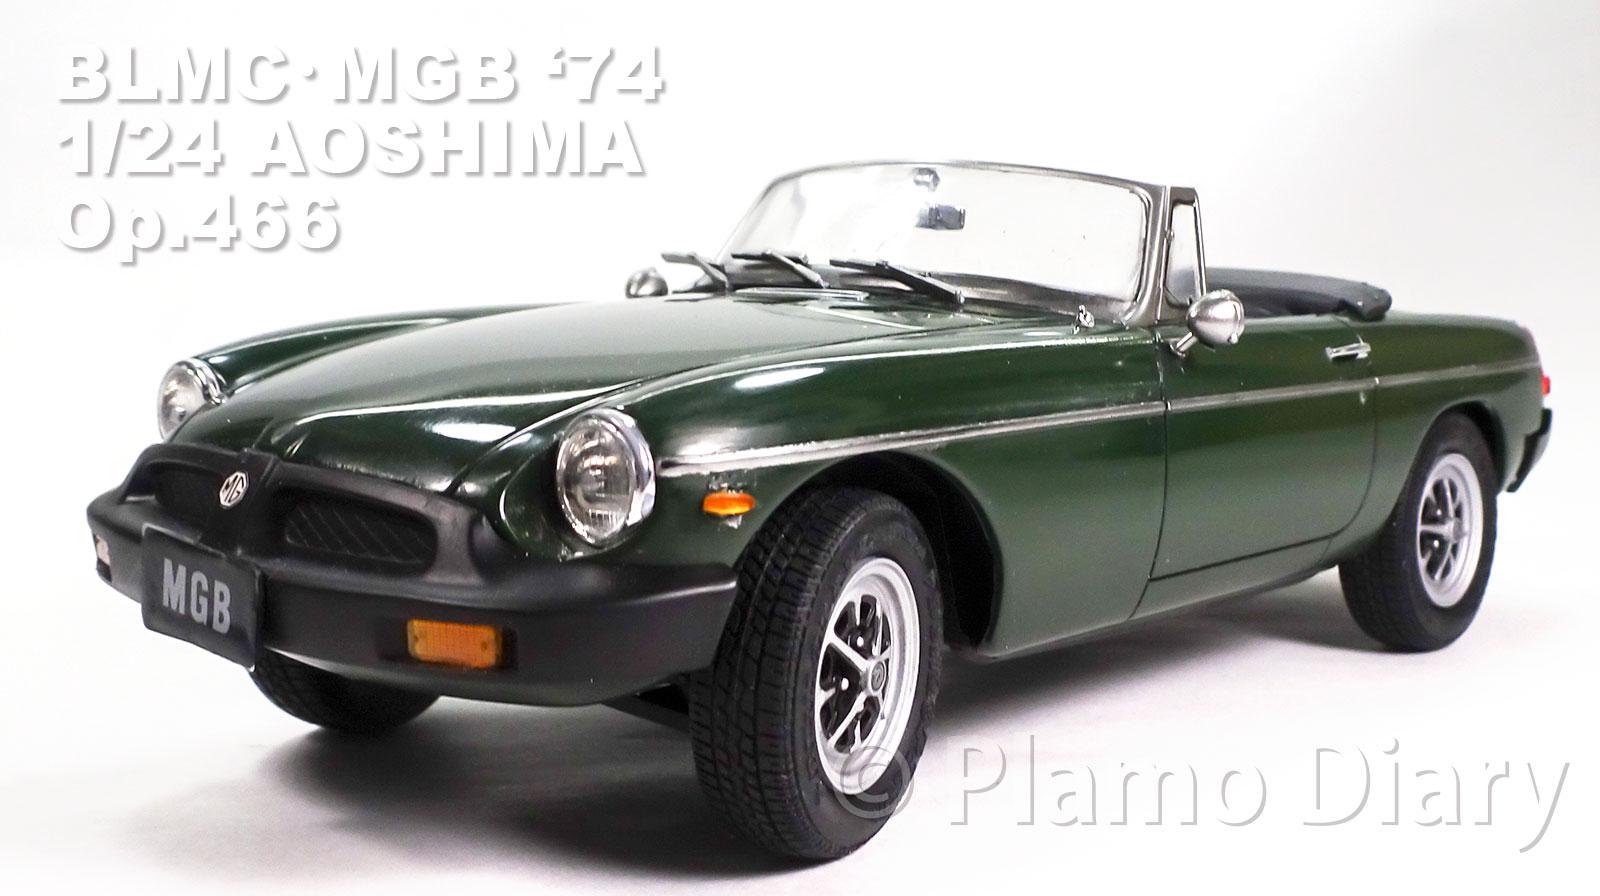 ブリティッシュレイランド・MGB '74 1/24 アオシマ